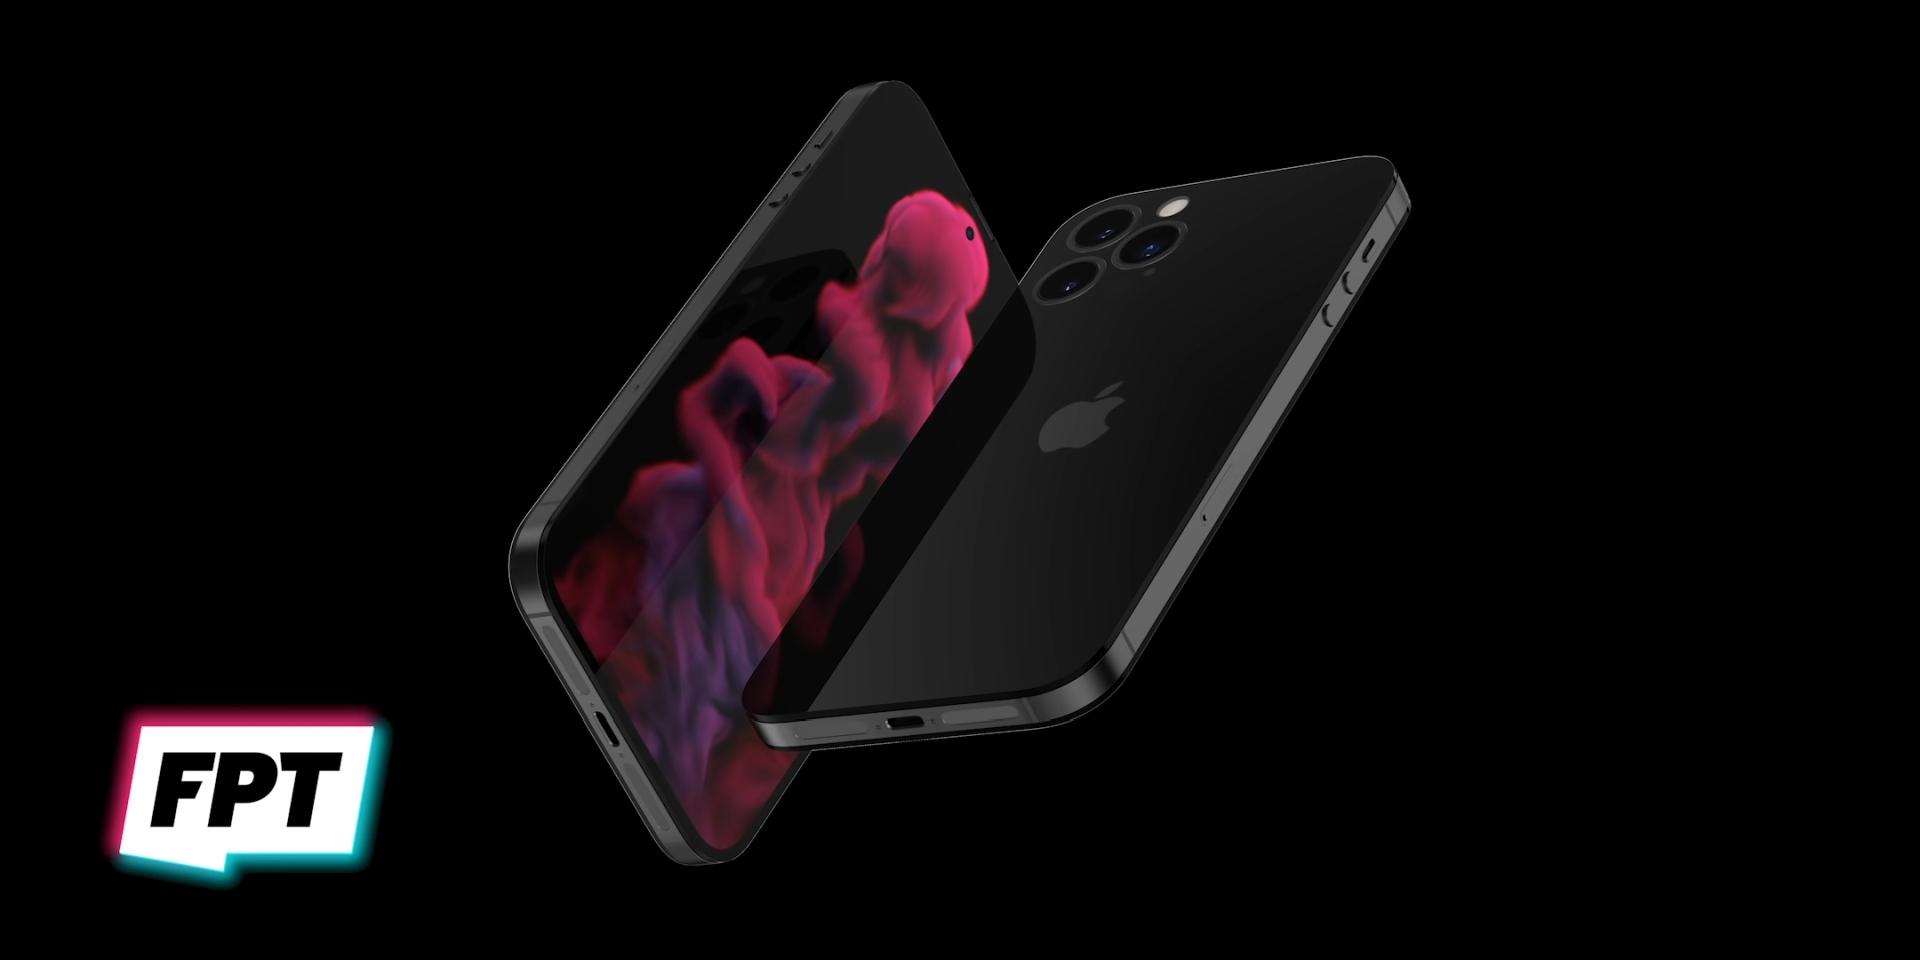 Prawdopodobny wygląd iPhone'a 14 bez notcha i nawiązujący do 4s